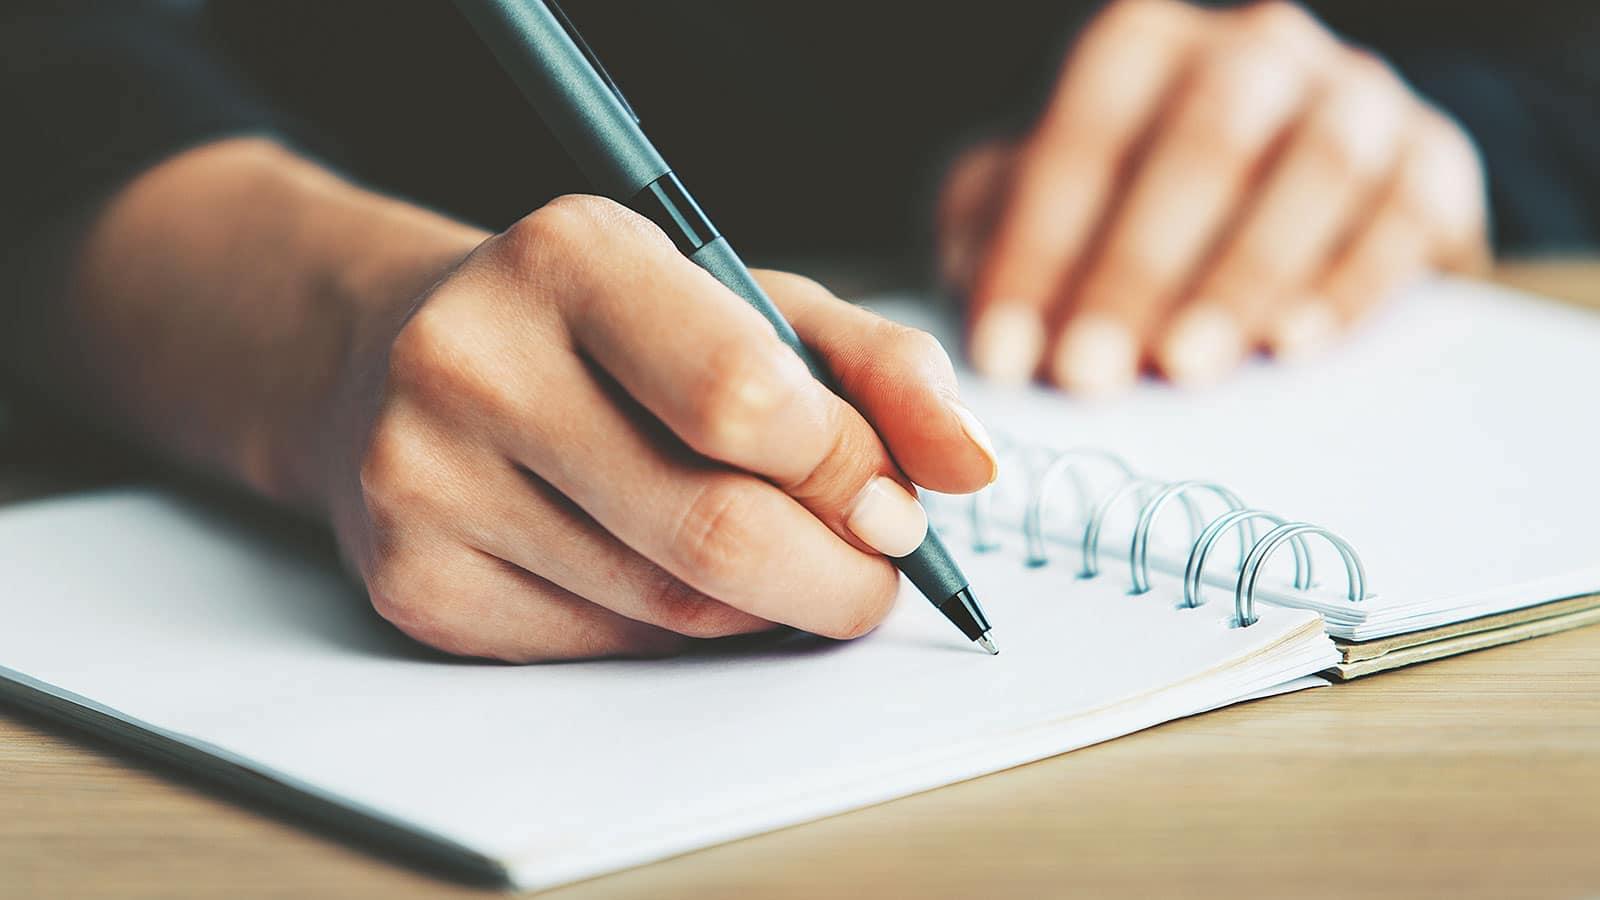 Essay writing service reviews 2017; Essay Writing Service Reviews For You